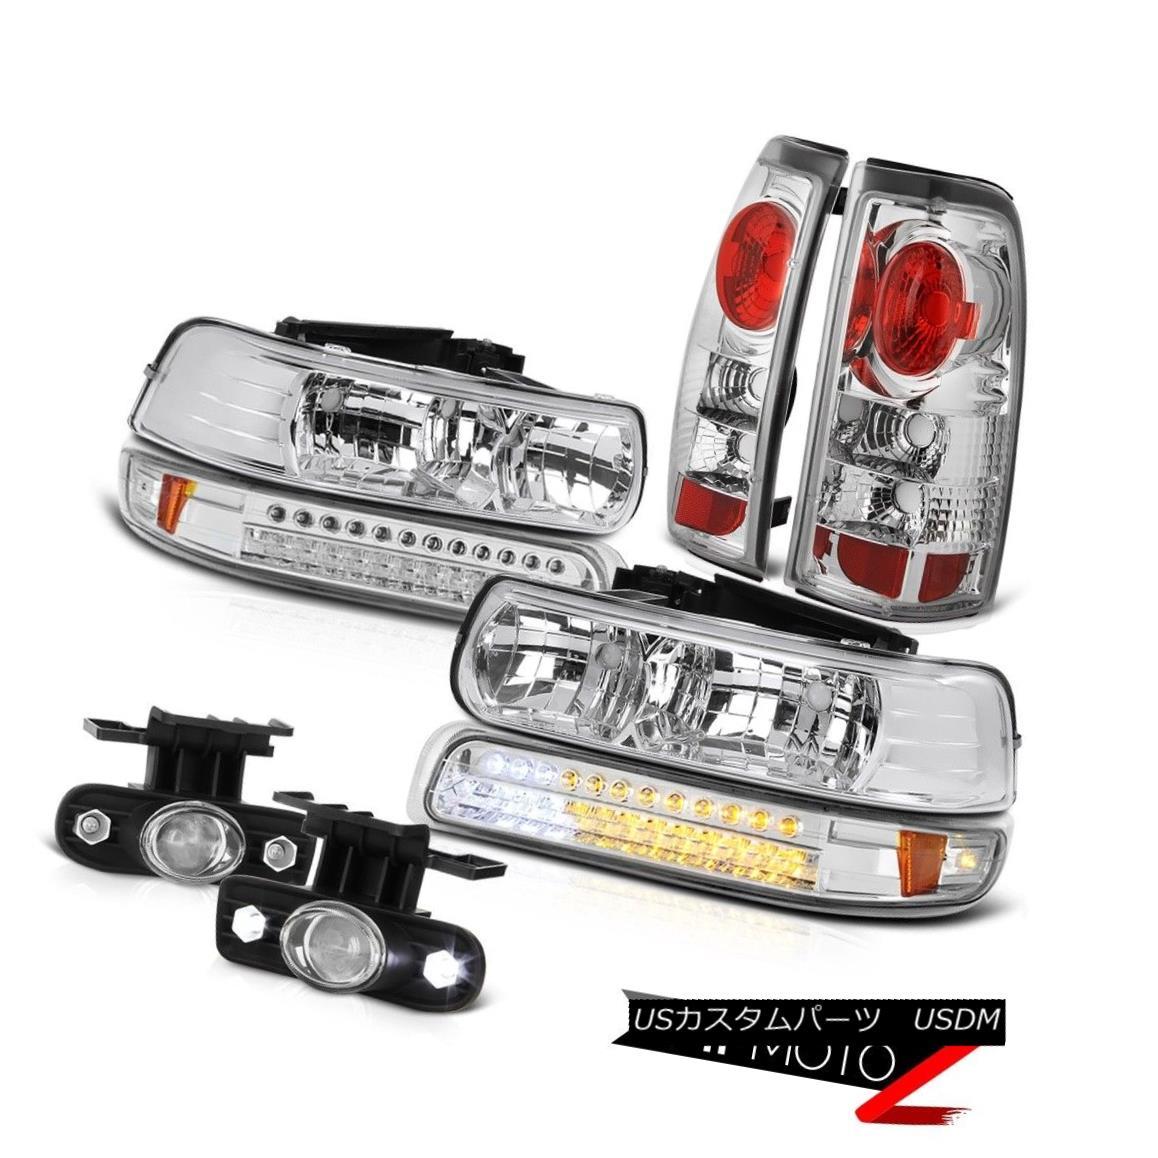 テールライト Clear Headlamps LED Euro Rear Taillamps Glass Projector Fog 99-02 Silverado LS クリアヘッドランプLEDユーロリアタイヤランプガラスプロジェクターフォグ99-02 Silverado LS